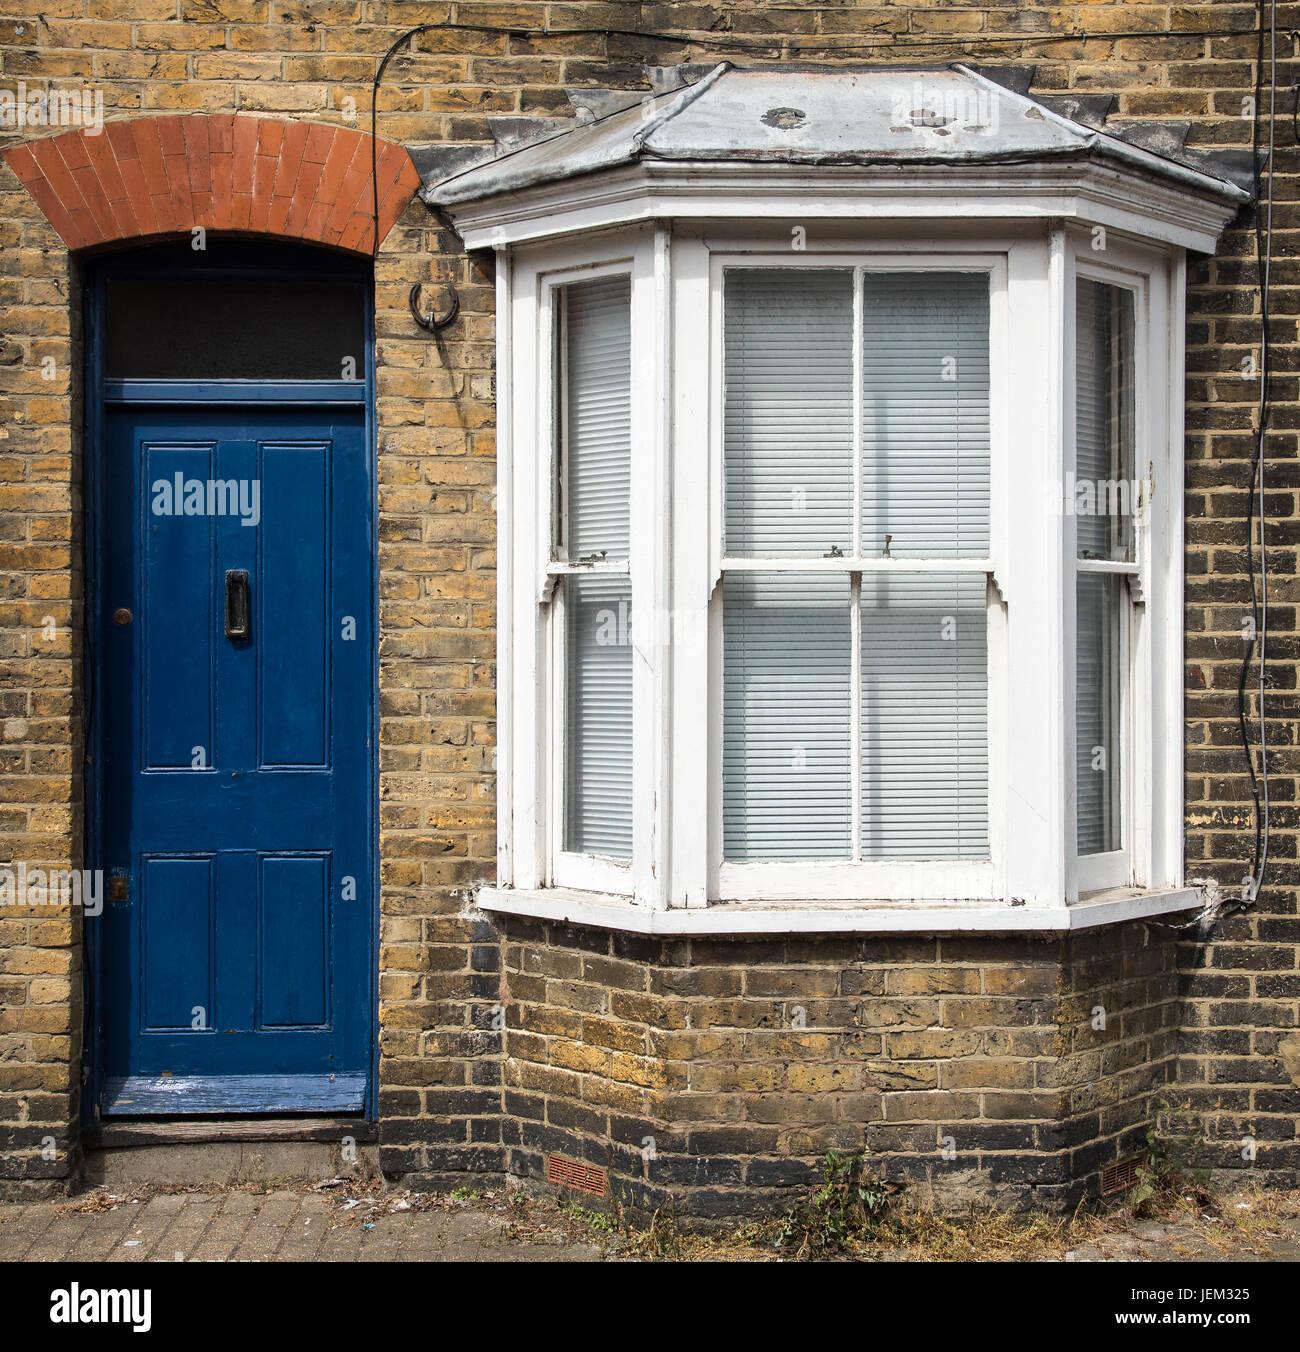 Porta Finestra Ingresso Casa tradizionale casa inglese ingresso anteriore blu con porte e